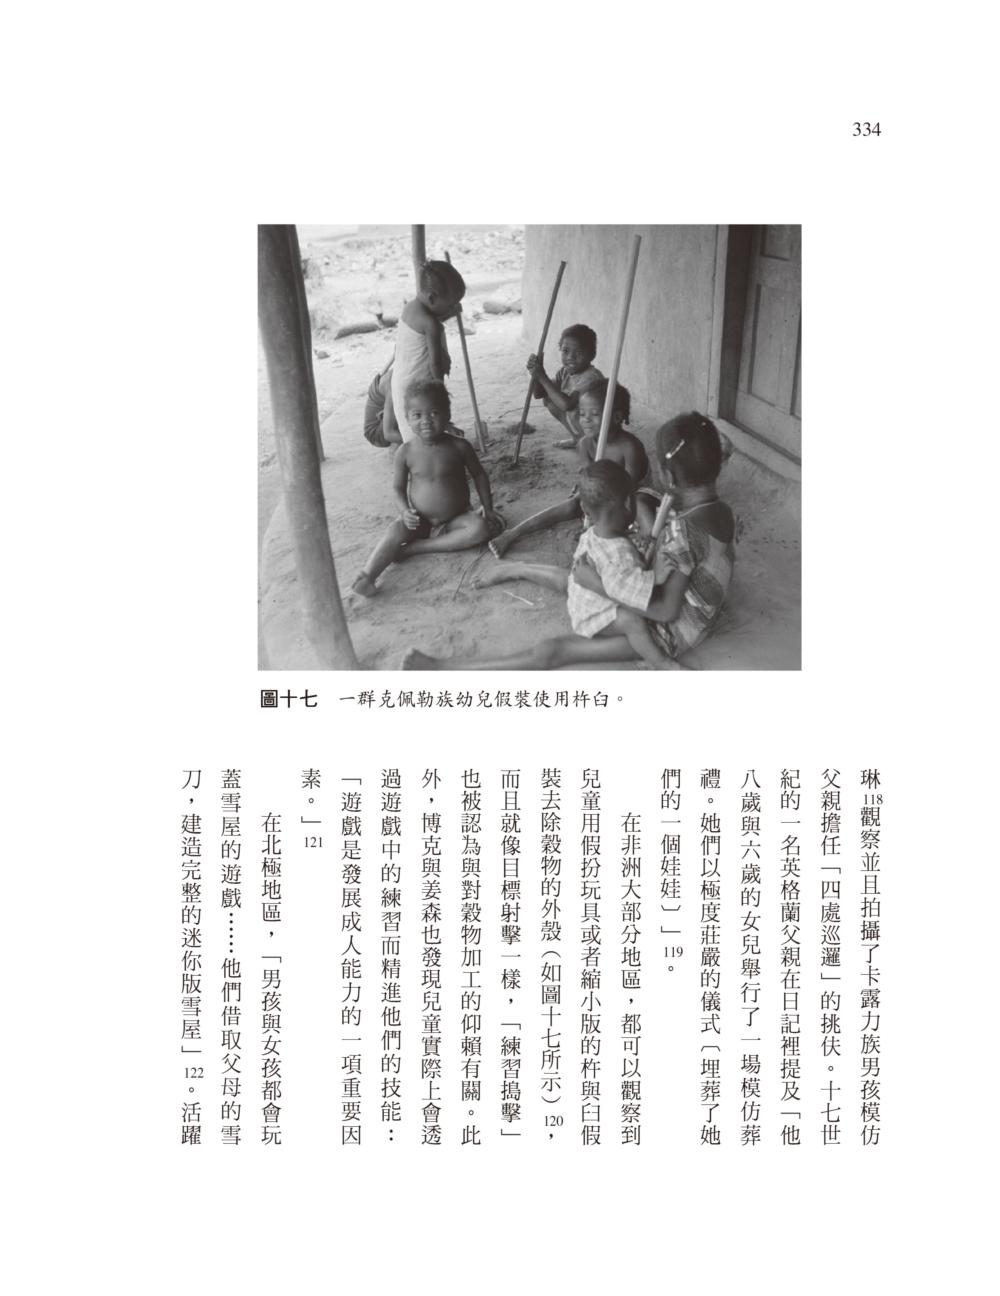 http://im2.book.com.tw/image/getImage?i=http://www.books.com.tw/img/001/076/59/0010765963_b_05.jpg&v=59f0107d&w=655&h=609